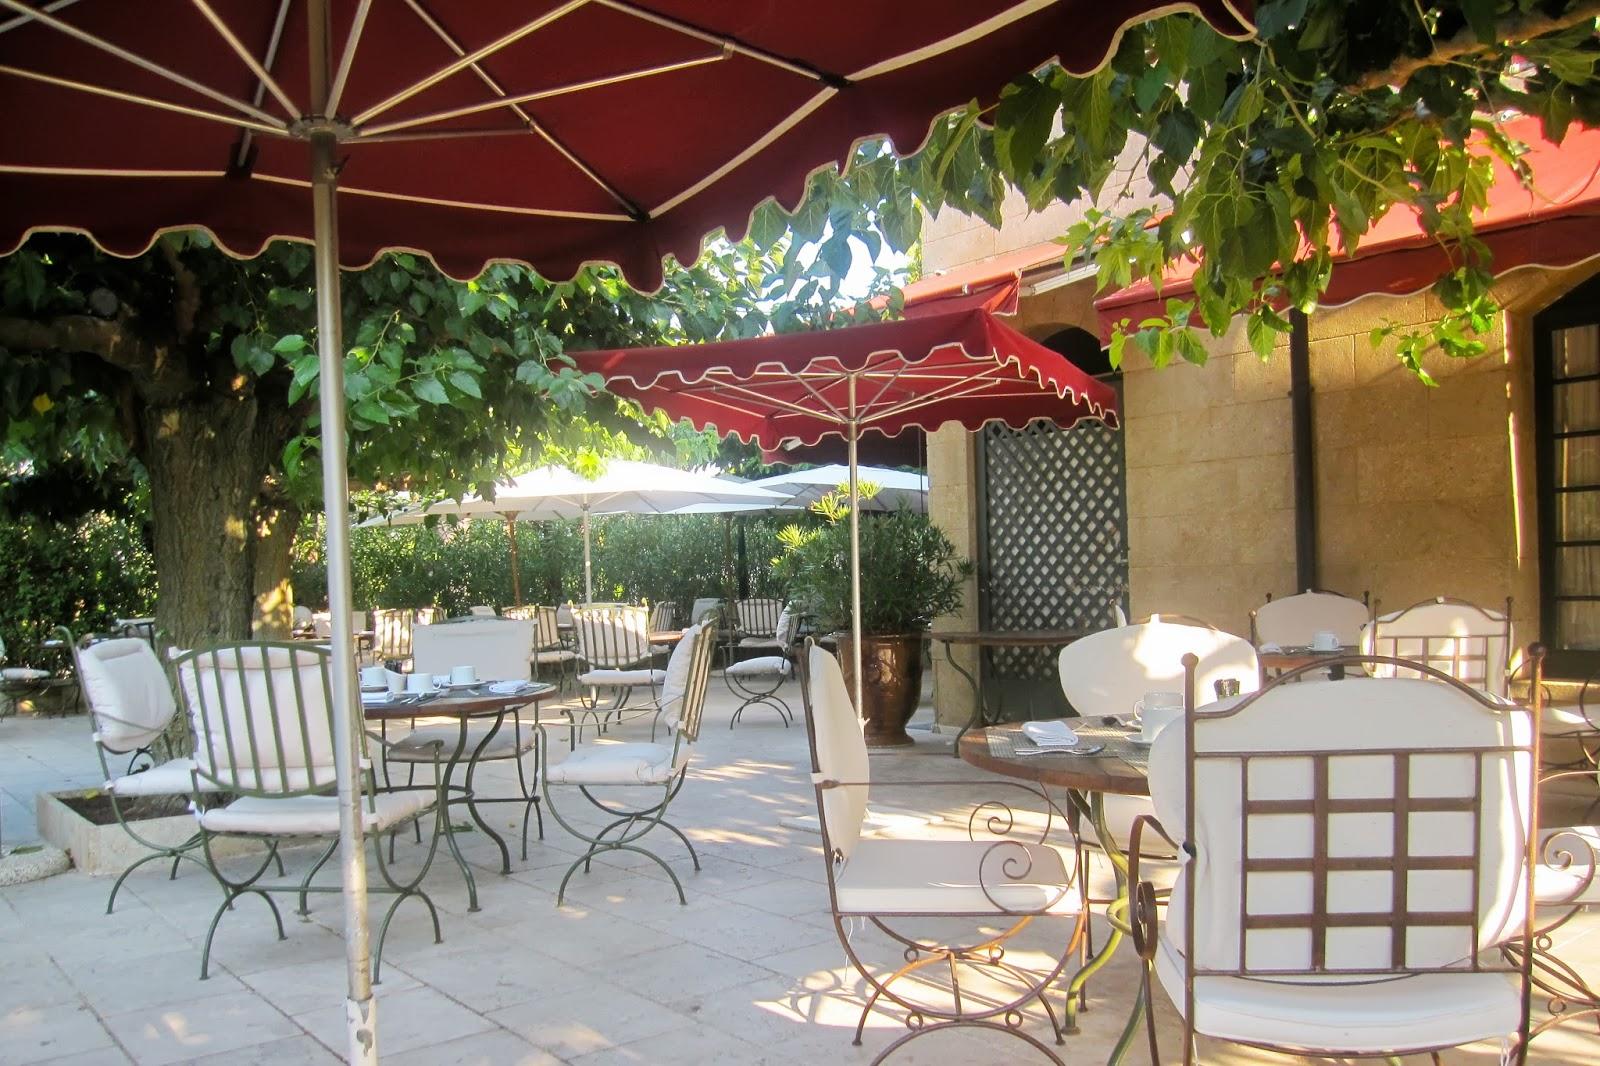 Destination fiction st r my de provence for The terrace brunch